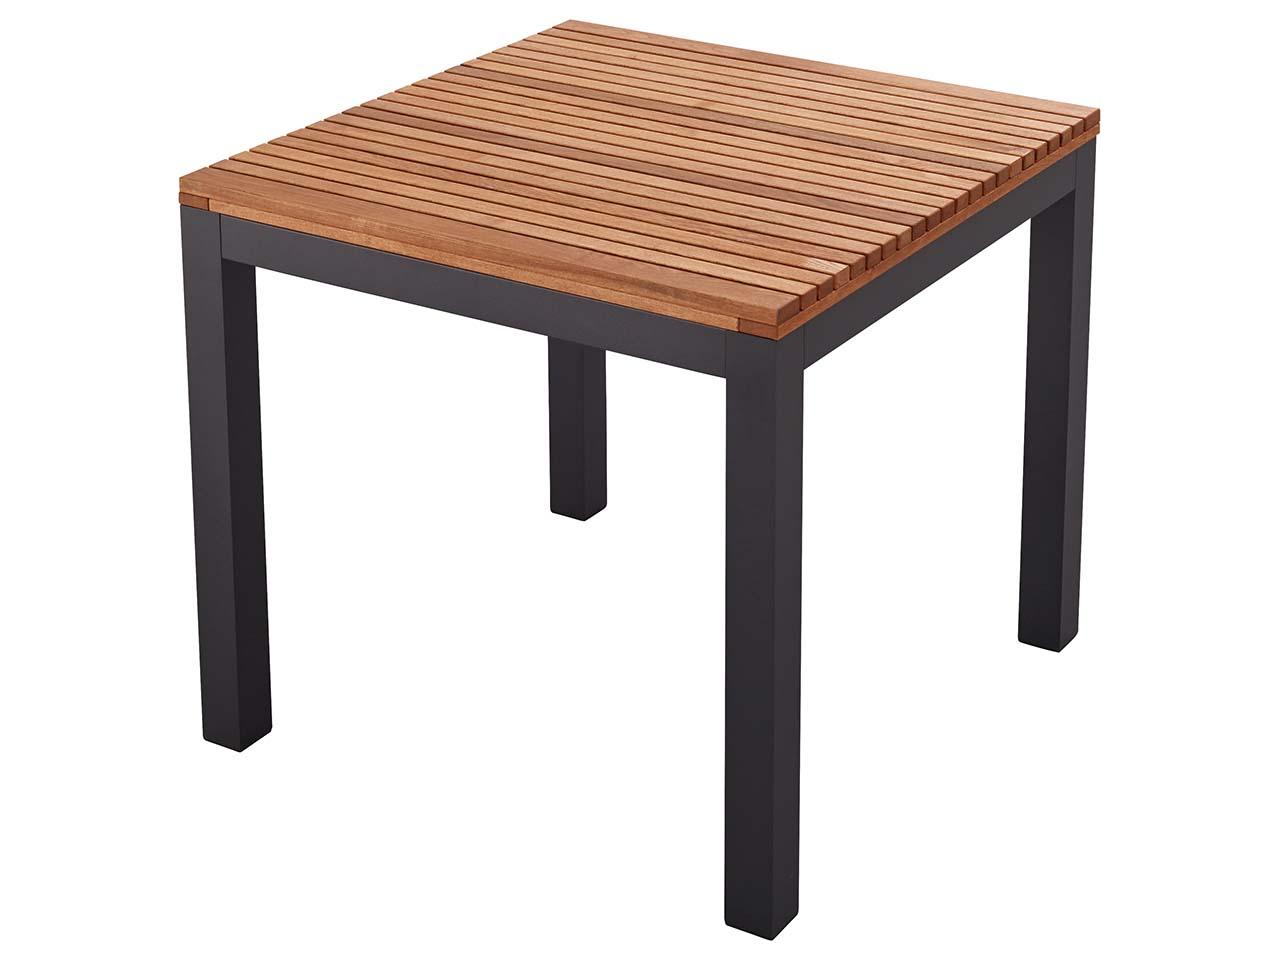 Full Size of Garten Tisch Gartentisch Set Beton Holzoptik Klappbar Aldi Rund Metall Landi Migros Holz Ikea Gartentische Gartentischdecke Antik Ausziehbar Alu Sassa Ko Garten Garten Tisch